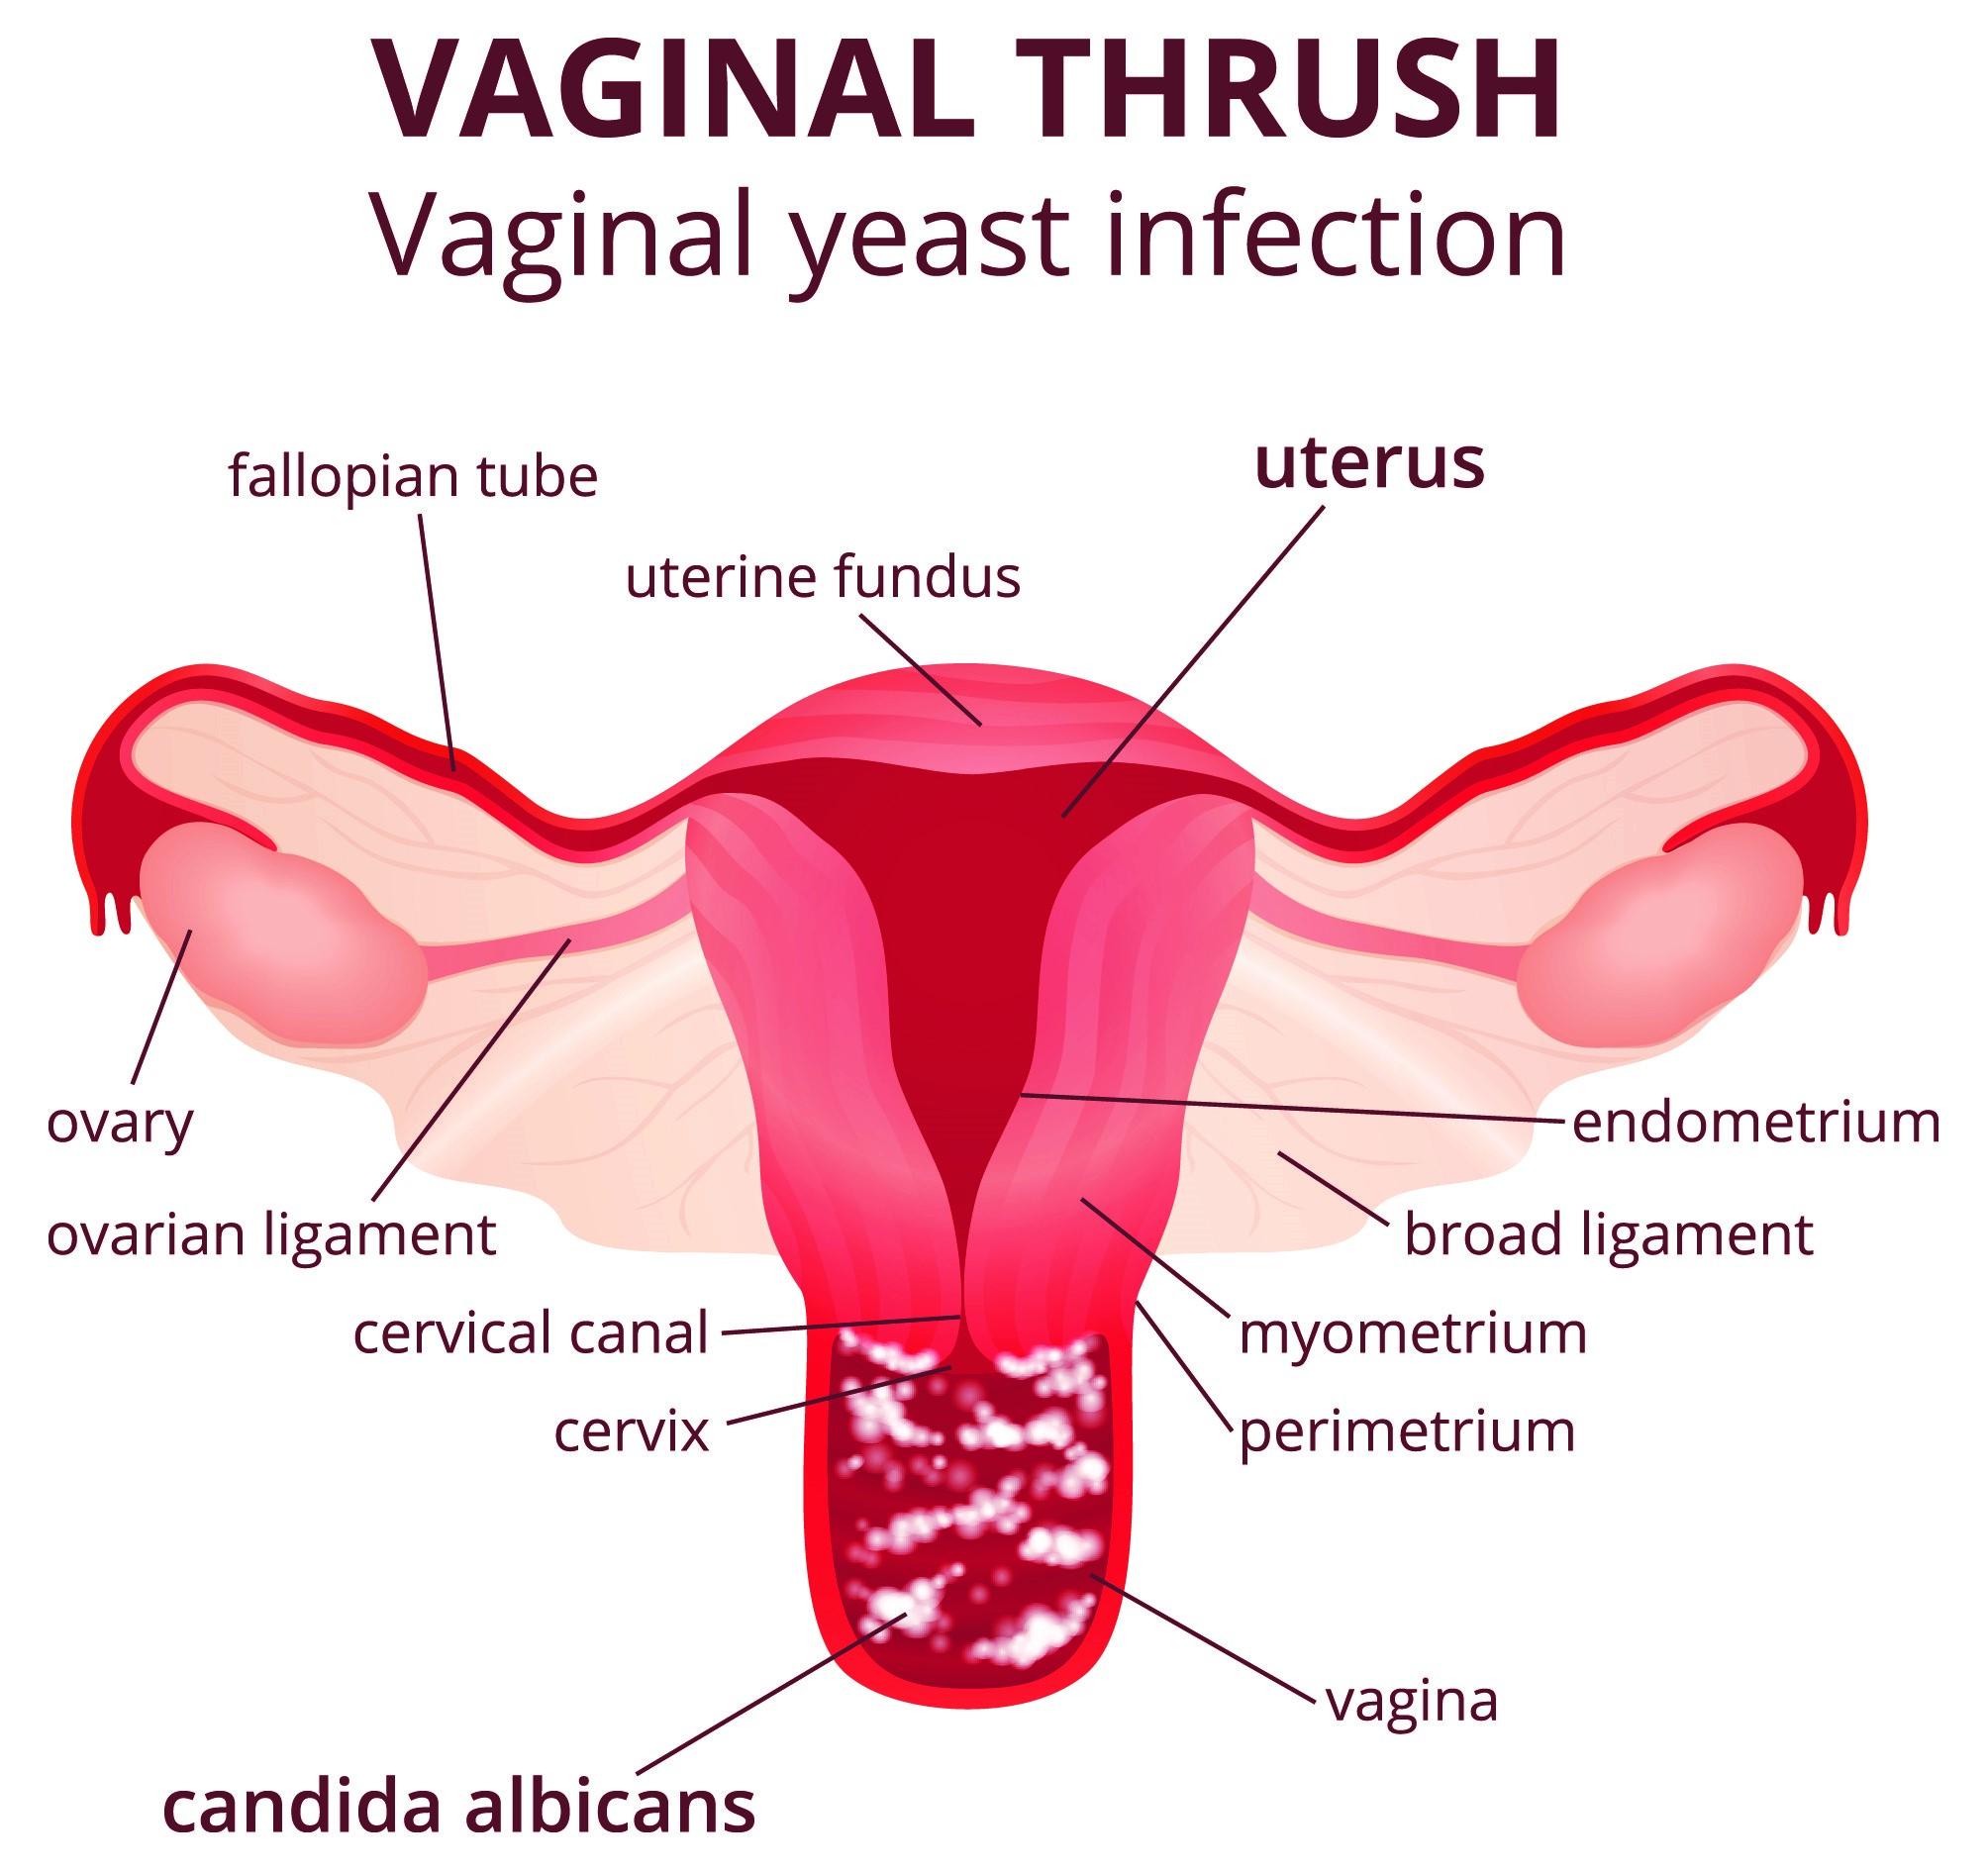 Thrush image